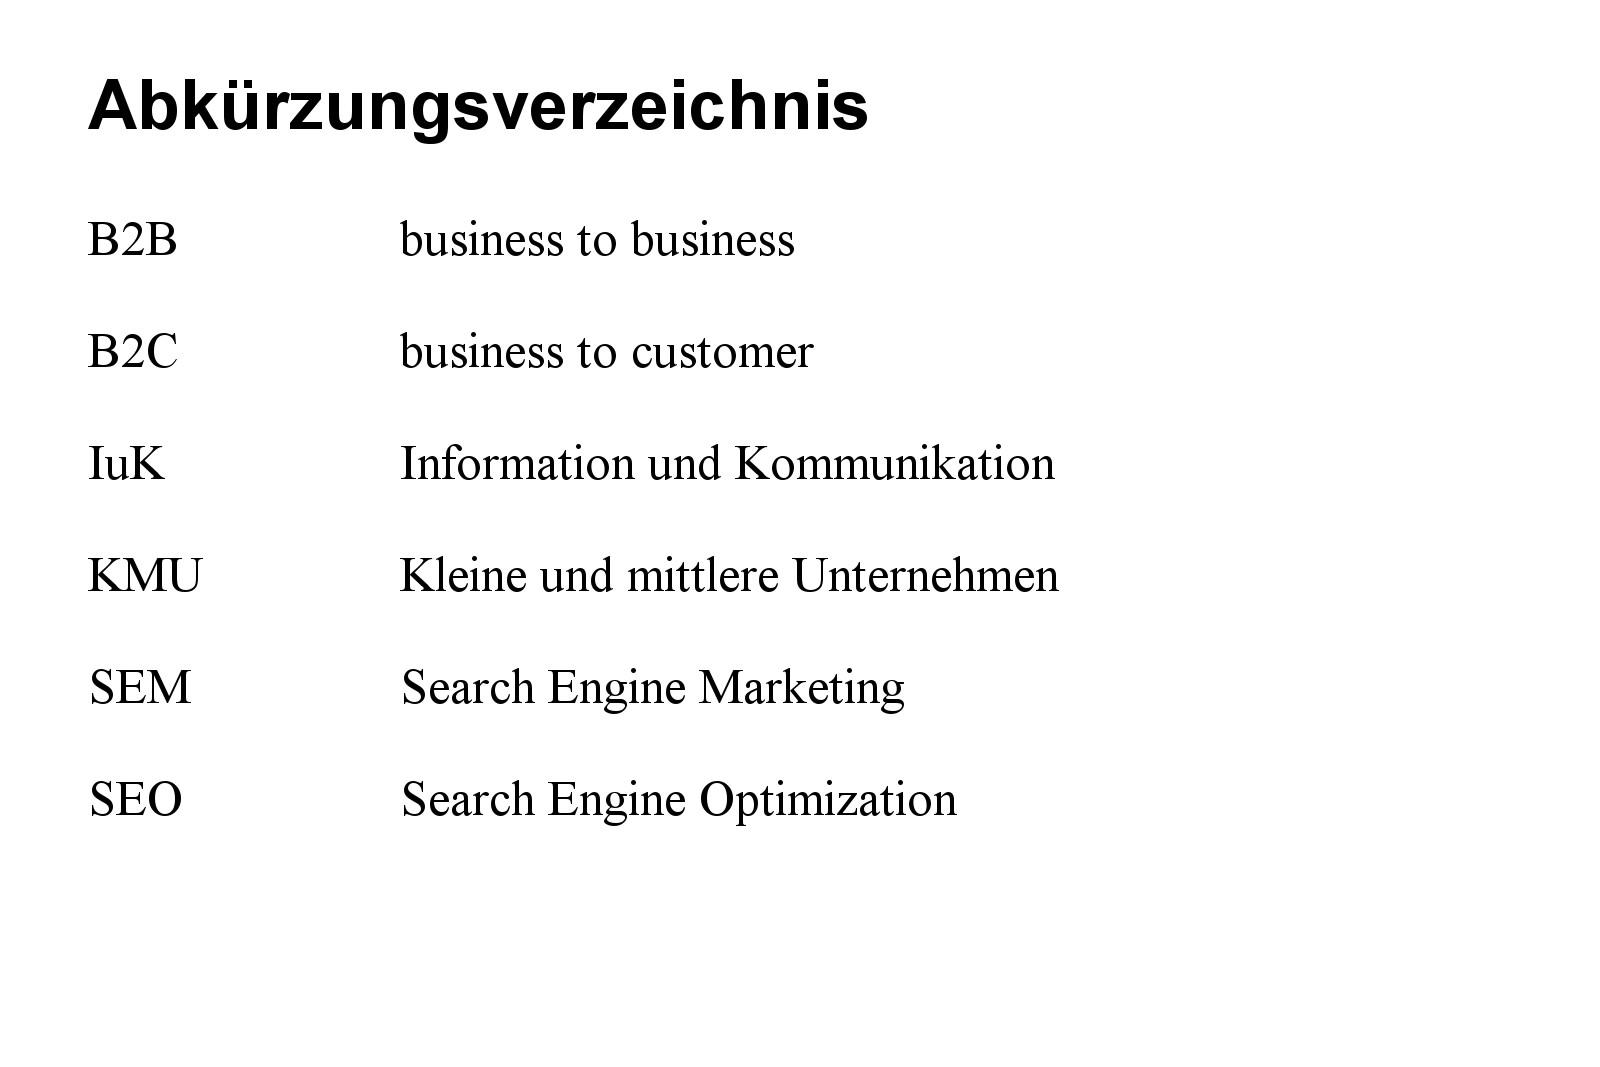 7 Bachelorarbeit Marketing Beispiele Akademische Arbeit